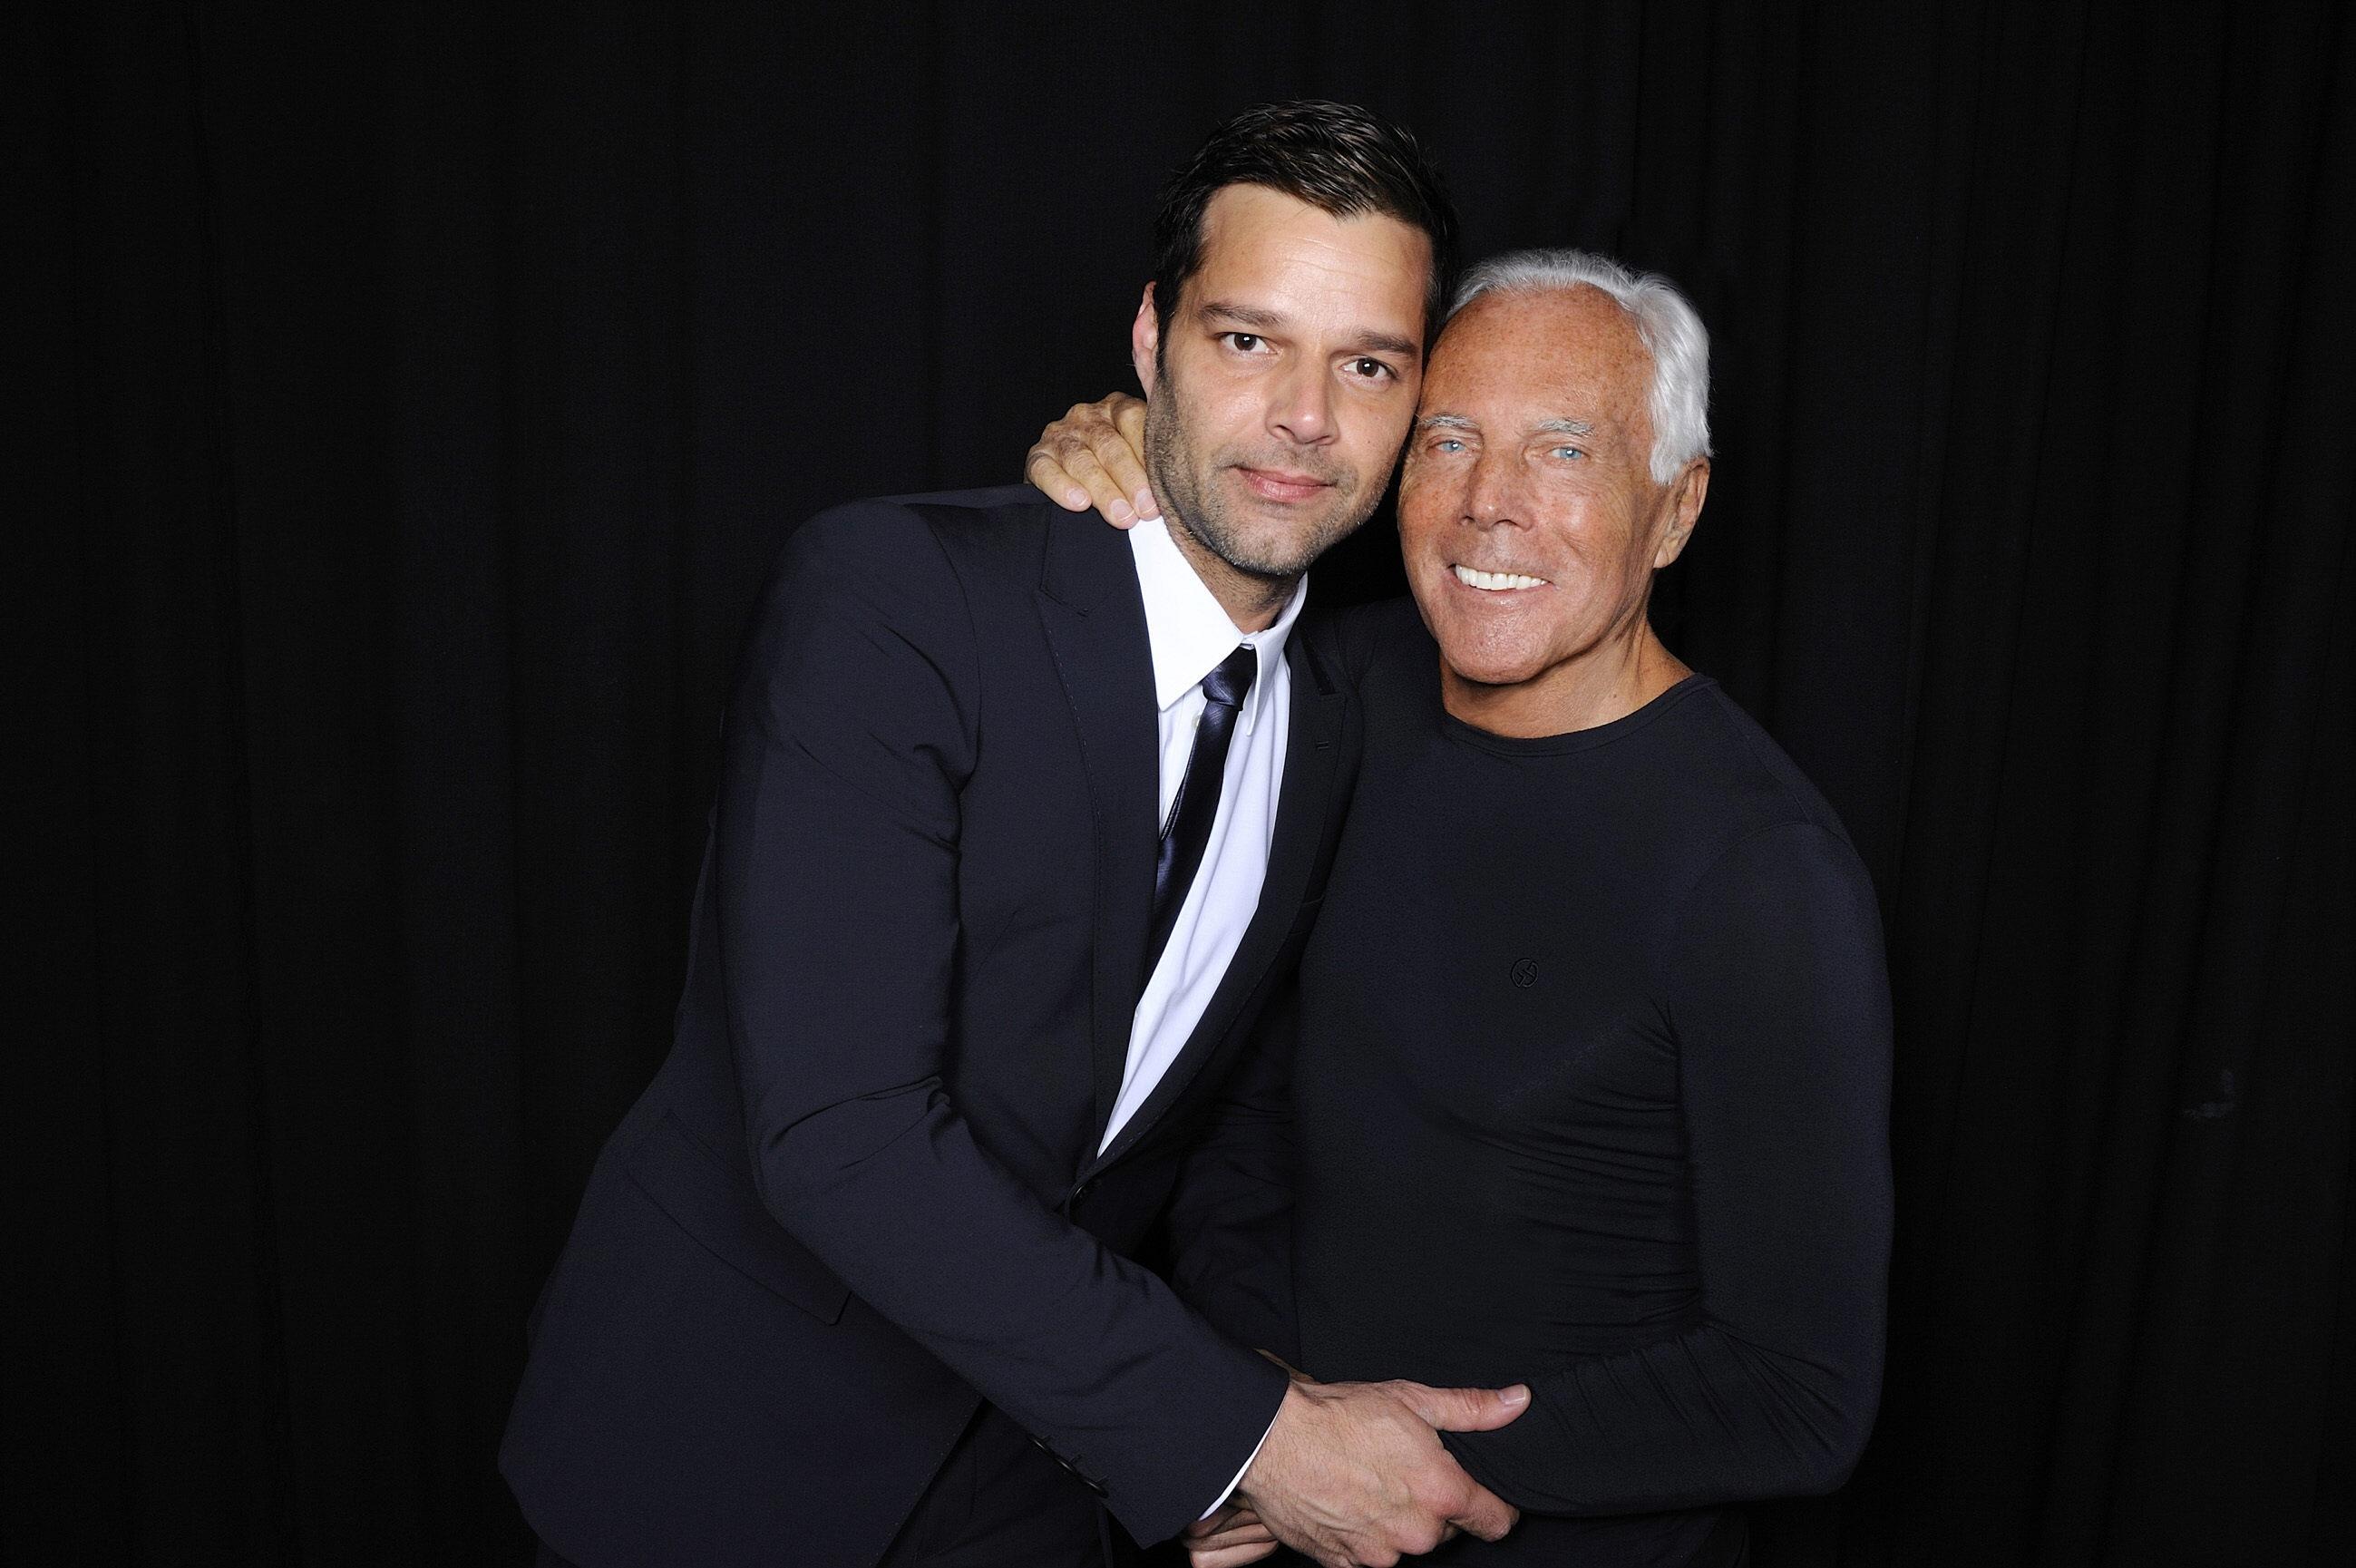 Ricky Martin y Georgio Armani han mantenido una sólida relación de trabajo y amistad. (Archivo)